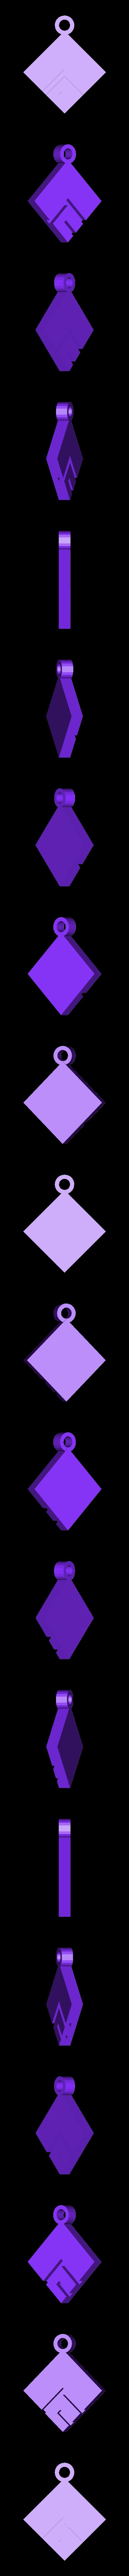 Axis_Charm.stl Télécharger fichier STL gratuit Konosuba - Ordre de l'Axe & Ordre Eris • Plan imprimable en 3D, sh0rt_stak